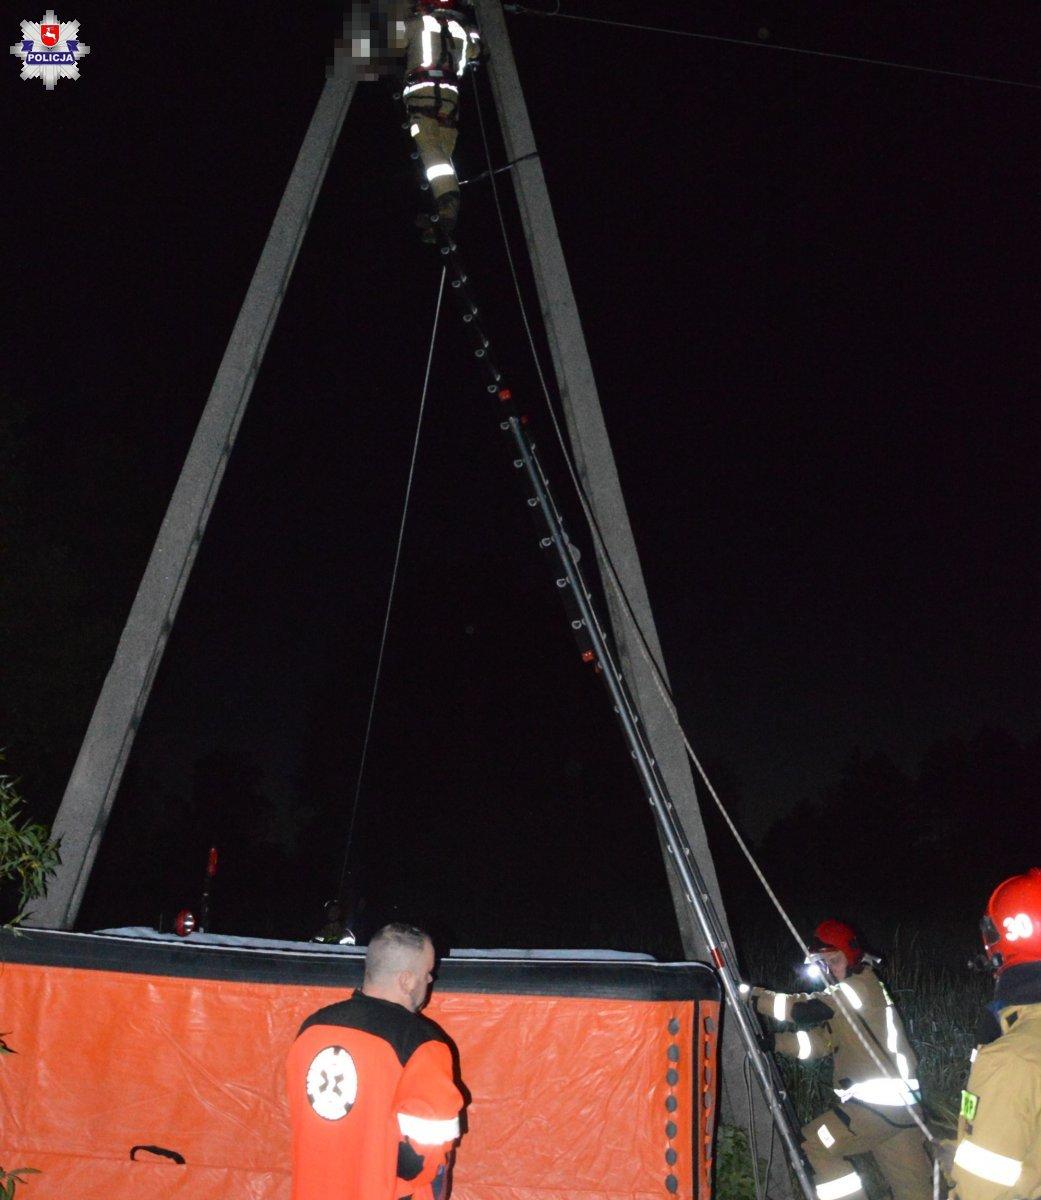 68 185735 19-latek wspiął się na słup wysokiego napięcia. Porażony prądem, zawisł głową w dół 10 metrów nad ziemią